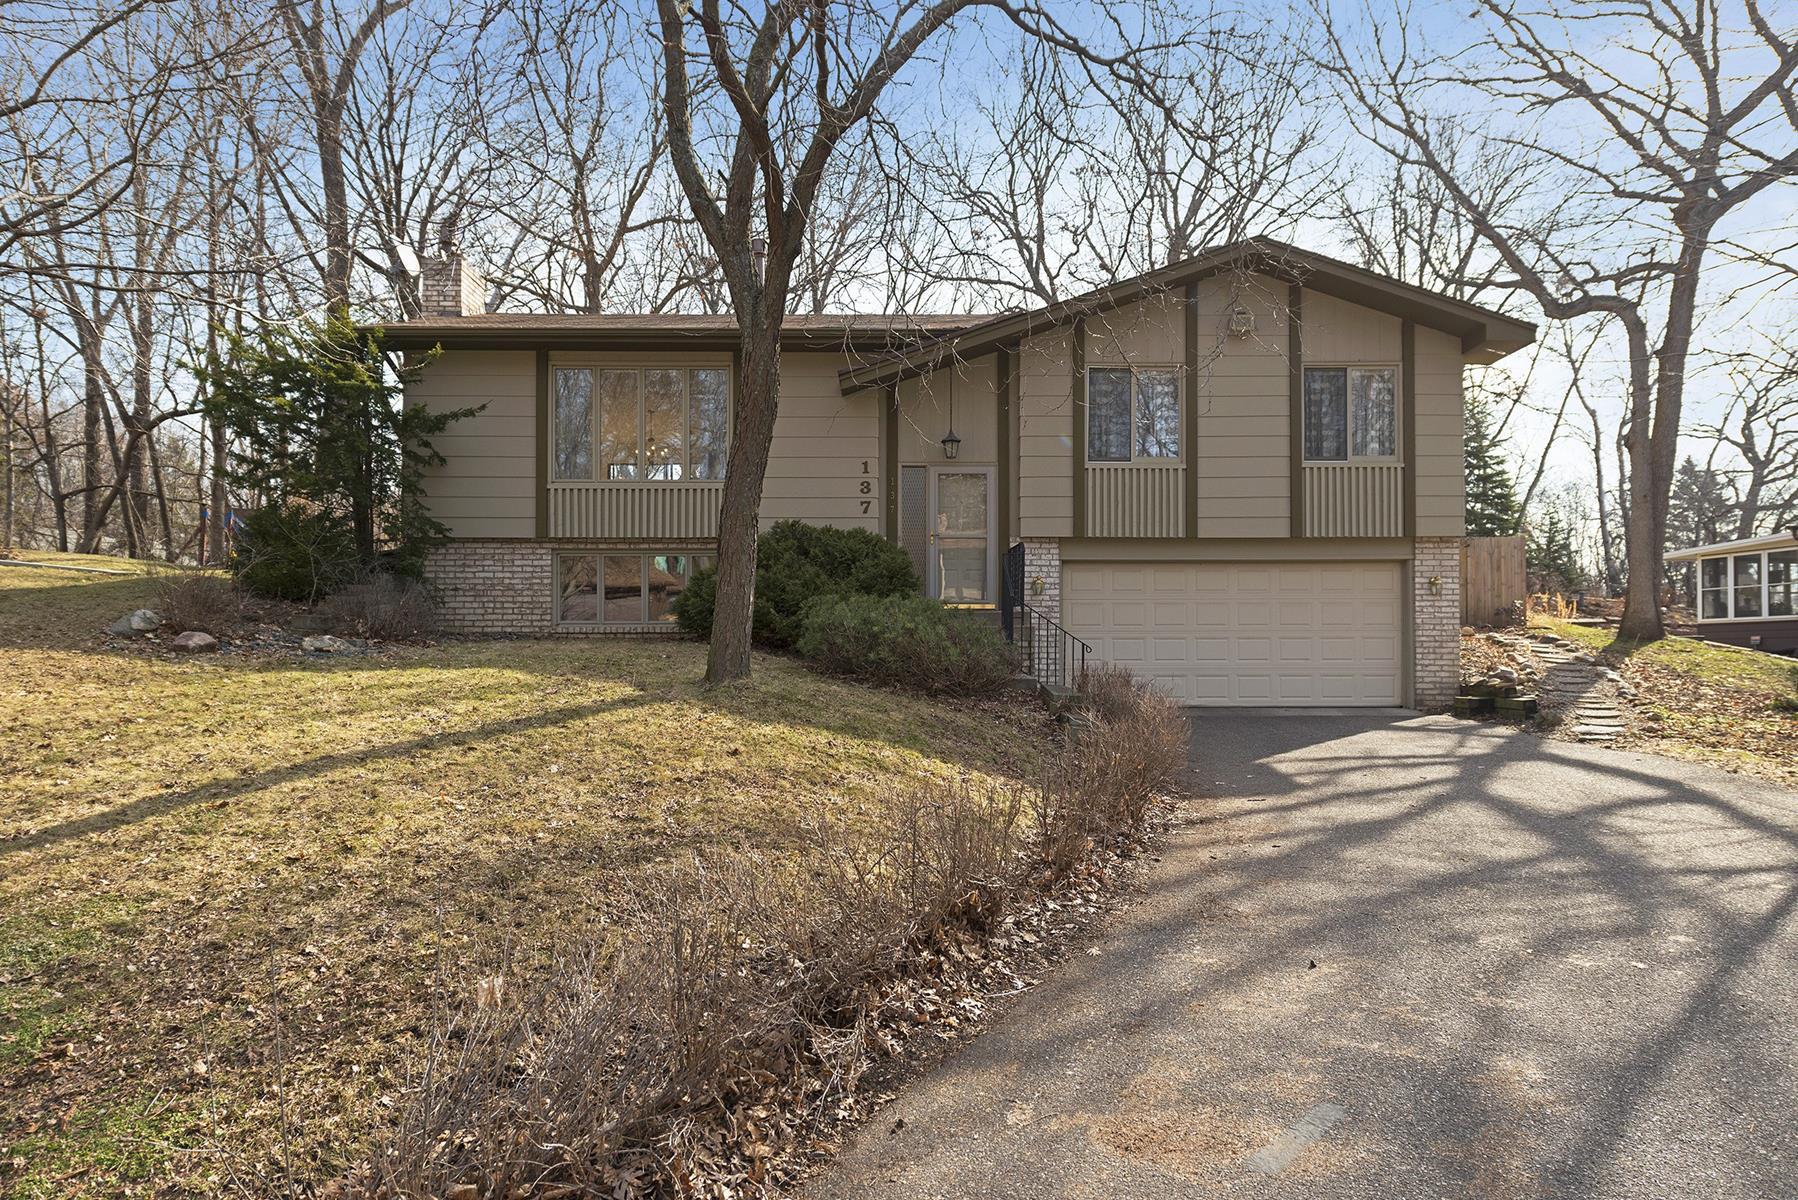 独户住宅 为 销售 在 137 32nd Avenue NW New Brighton, 明尼苏达州, 55112 美国